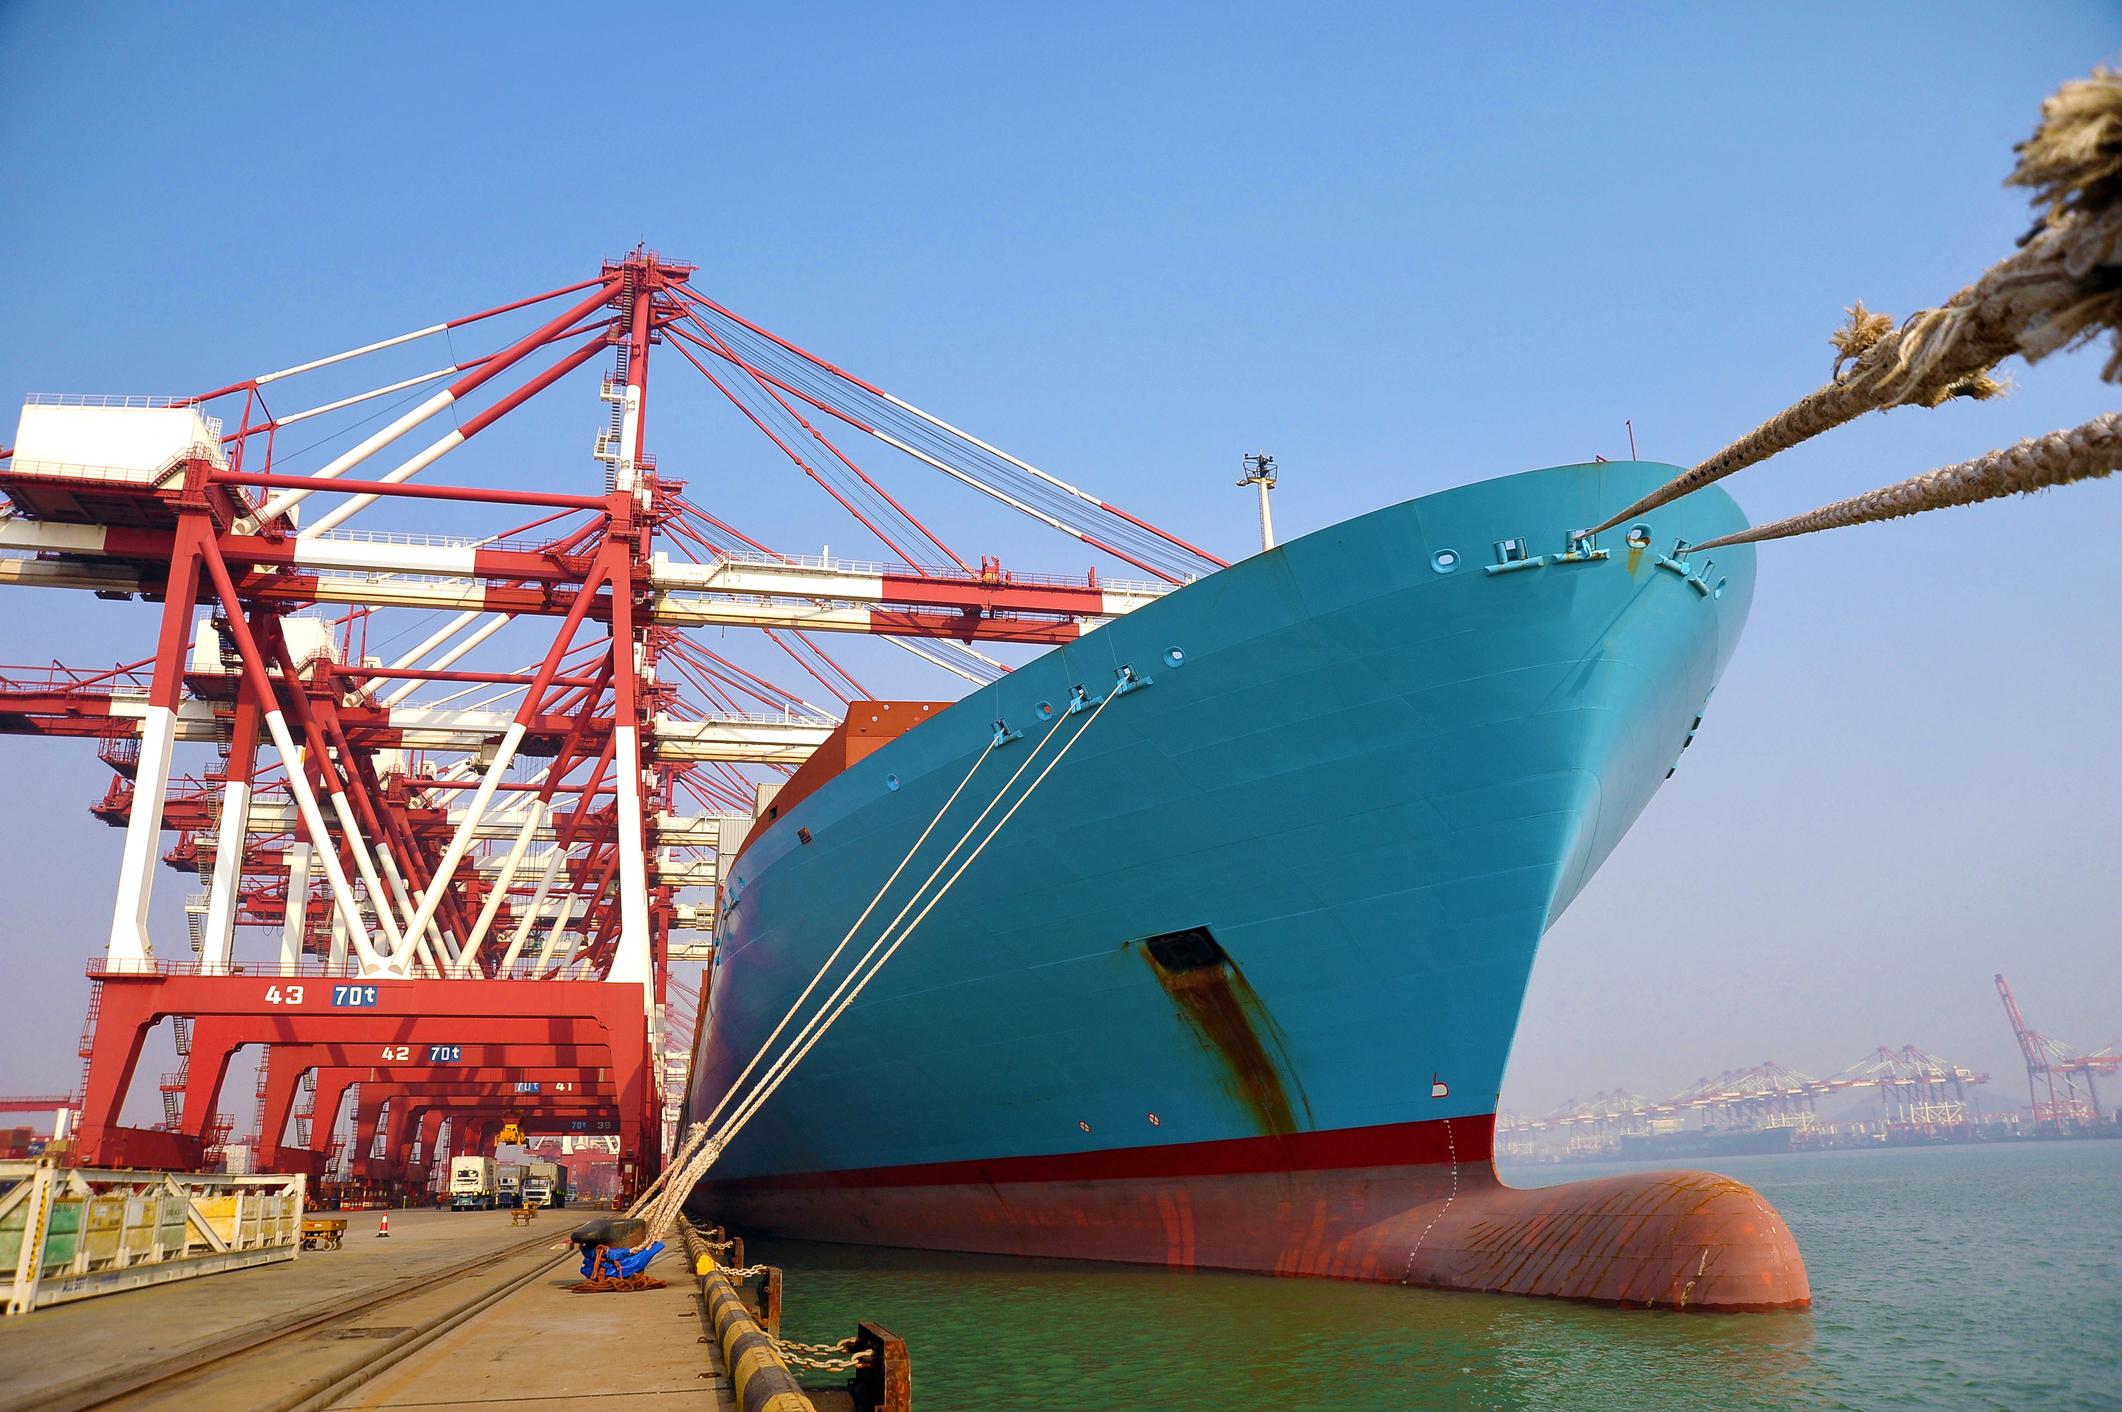 亚博_马士基扩年夜了中国到地中海口岸的在线订舱平台